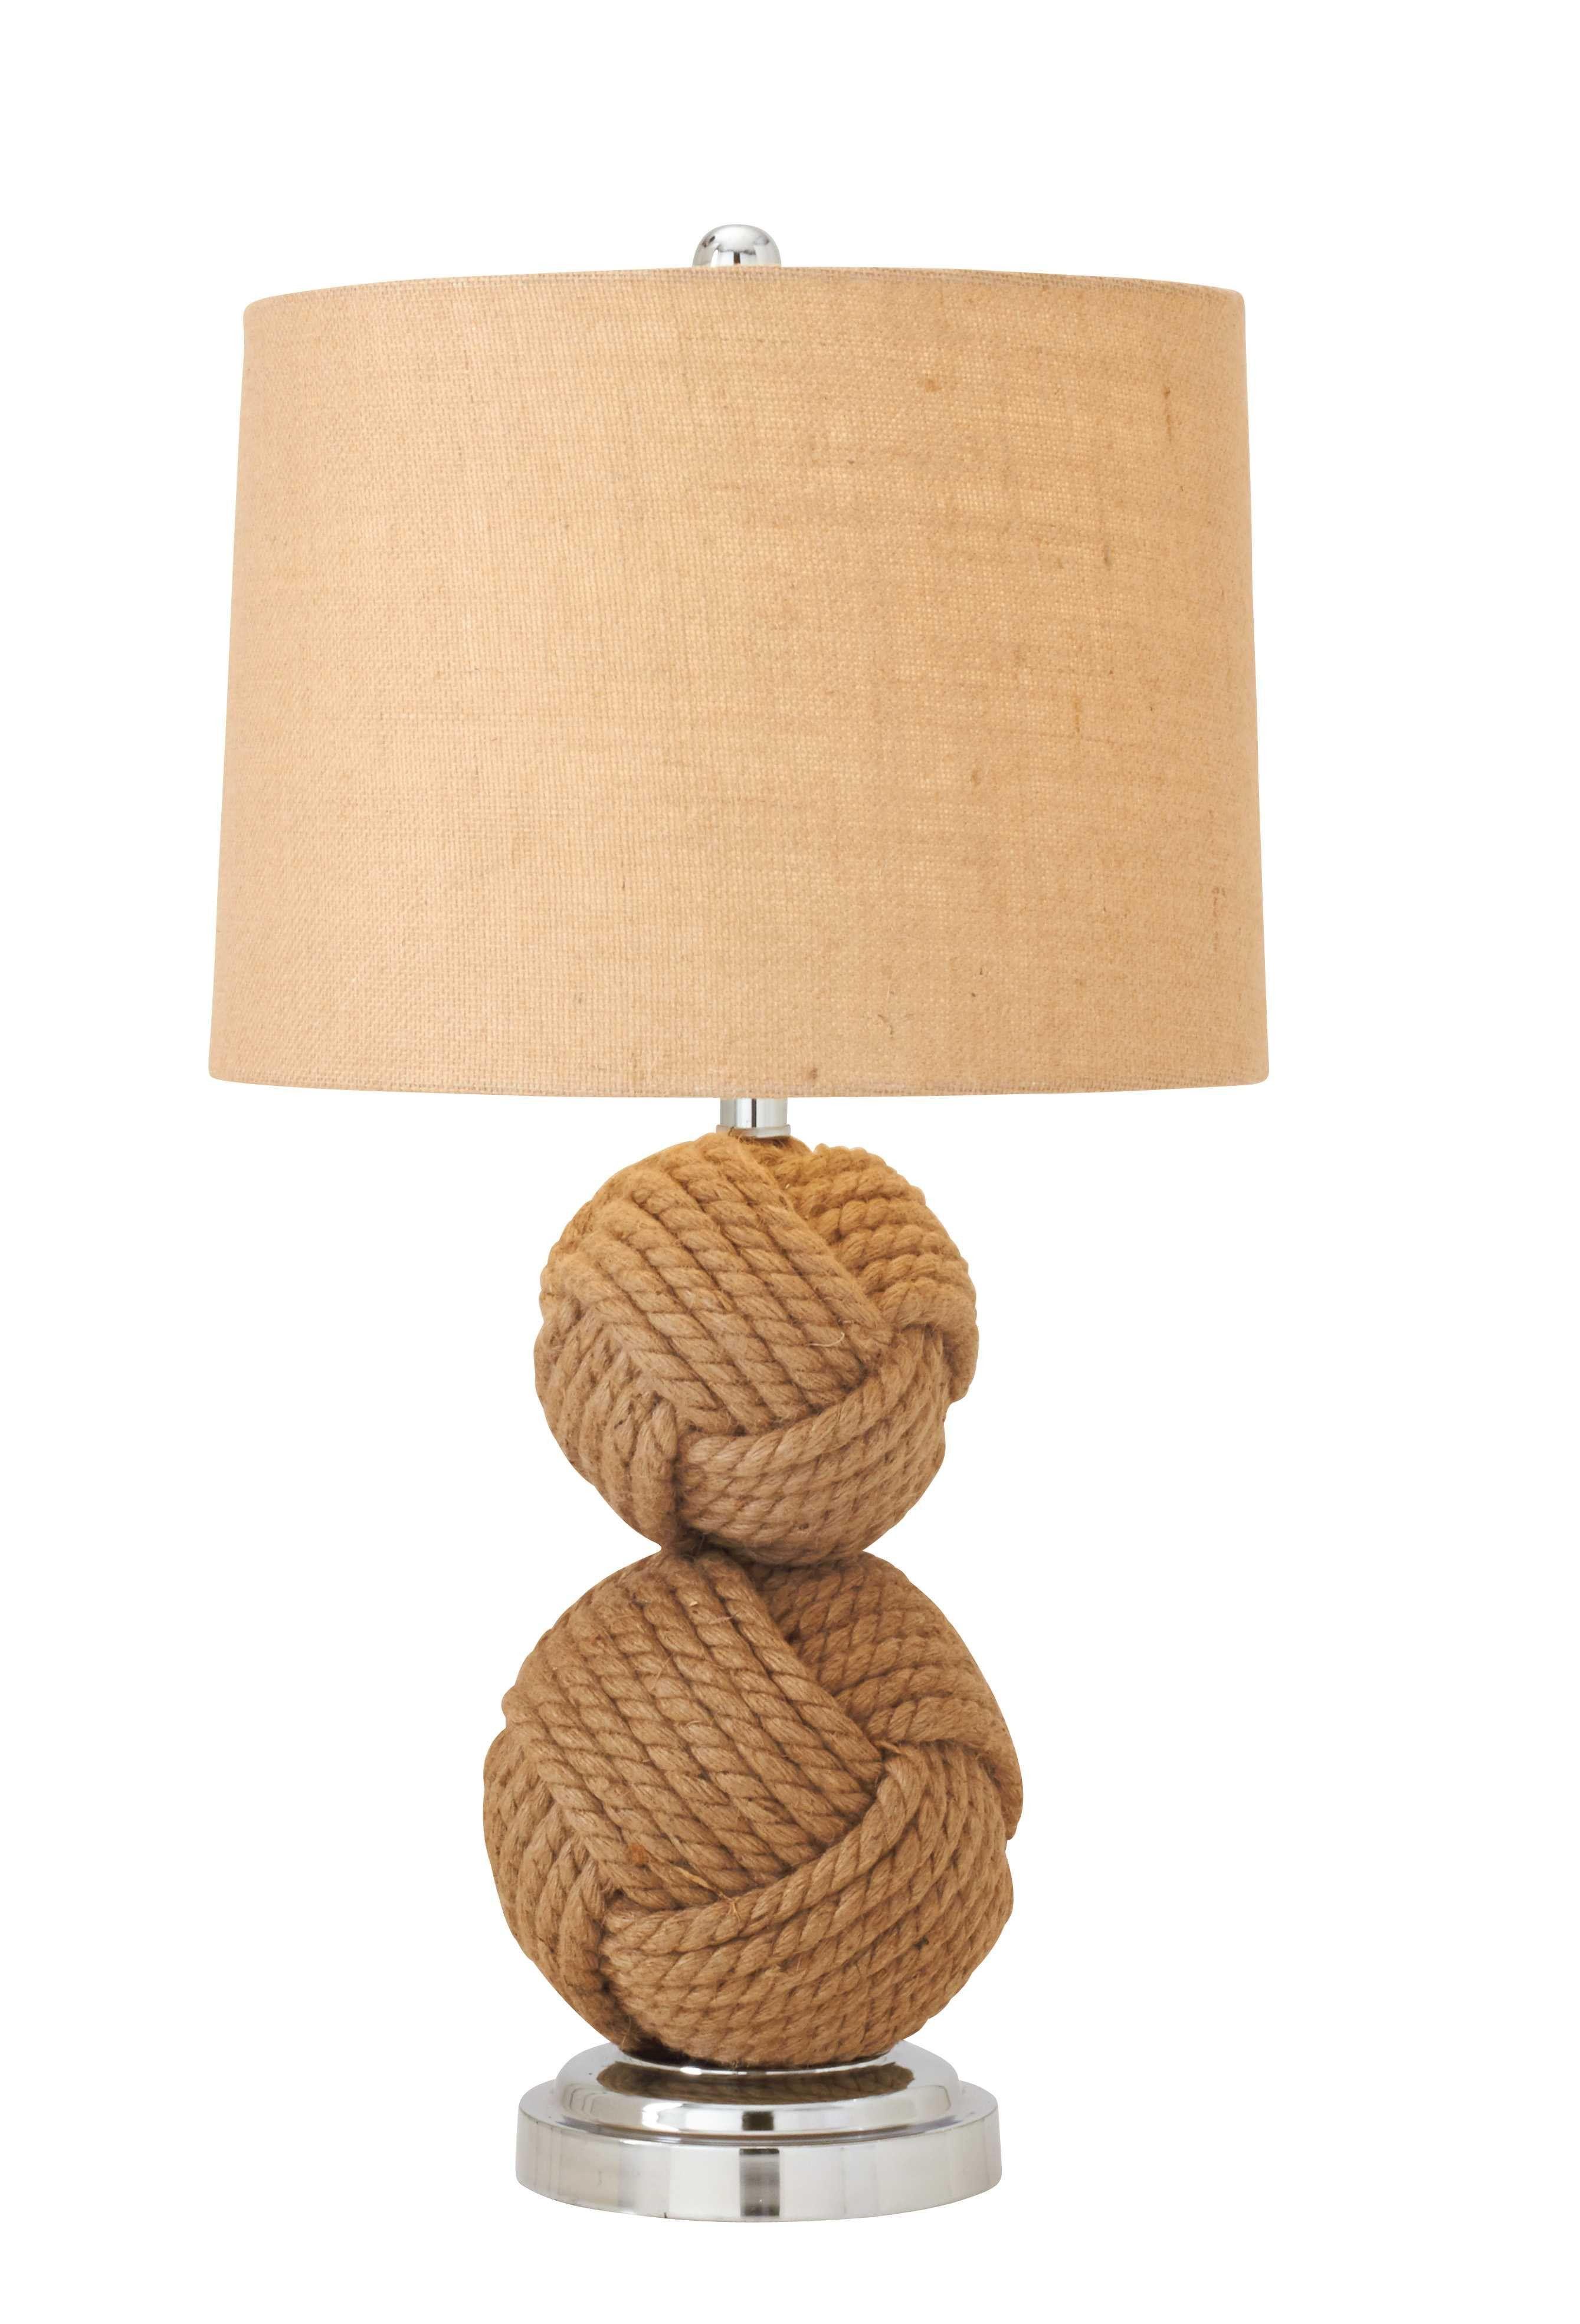 78476 Rope Metal Table Lamp